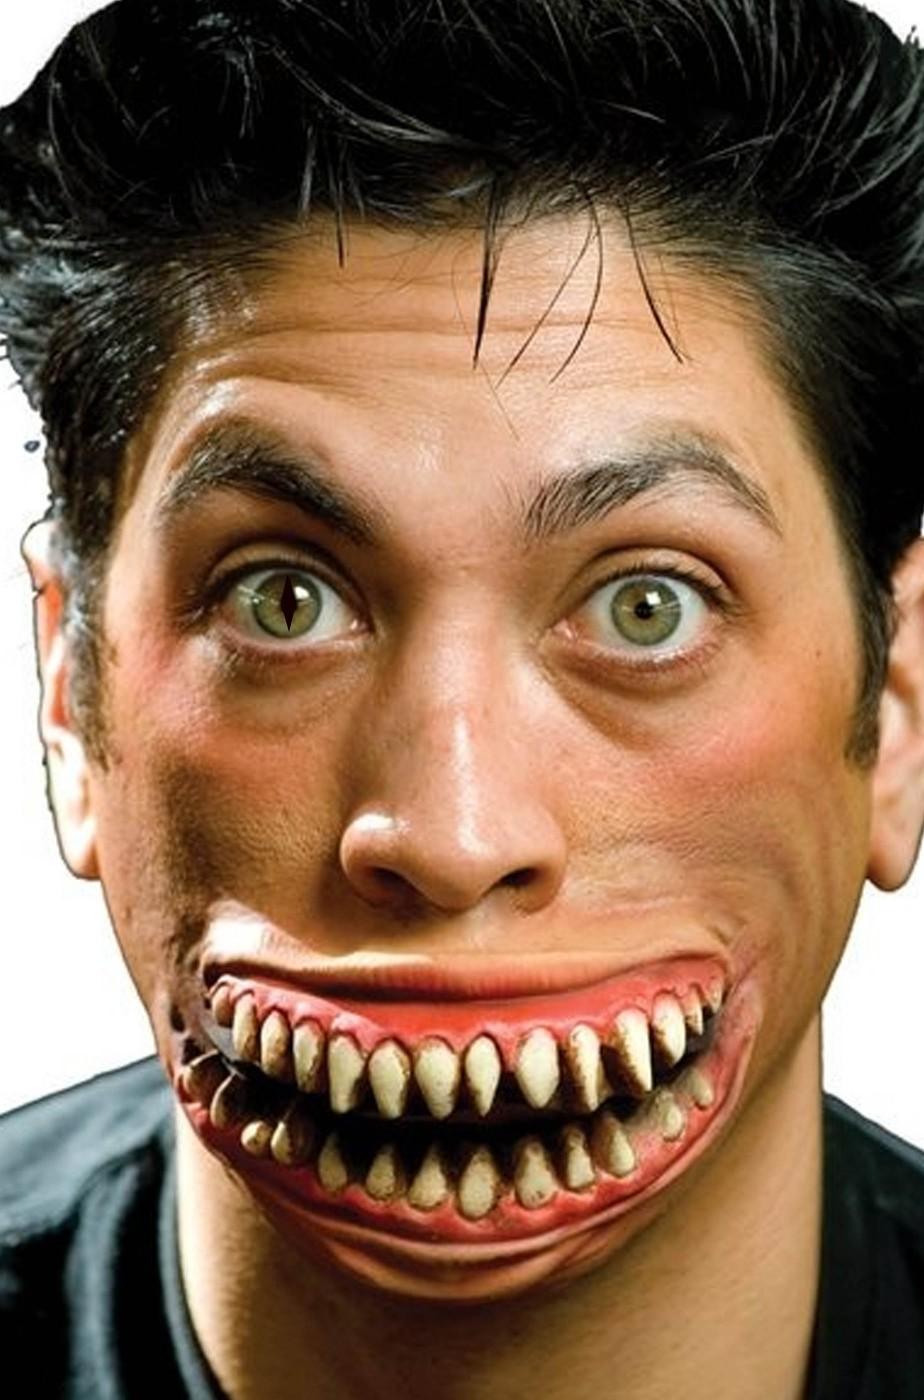 Protesi trucco sorriso stregatto in lattice per adulti